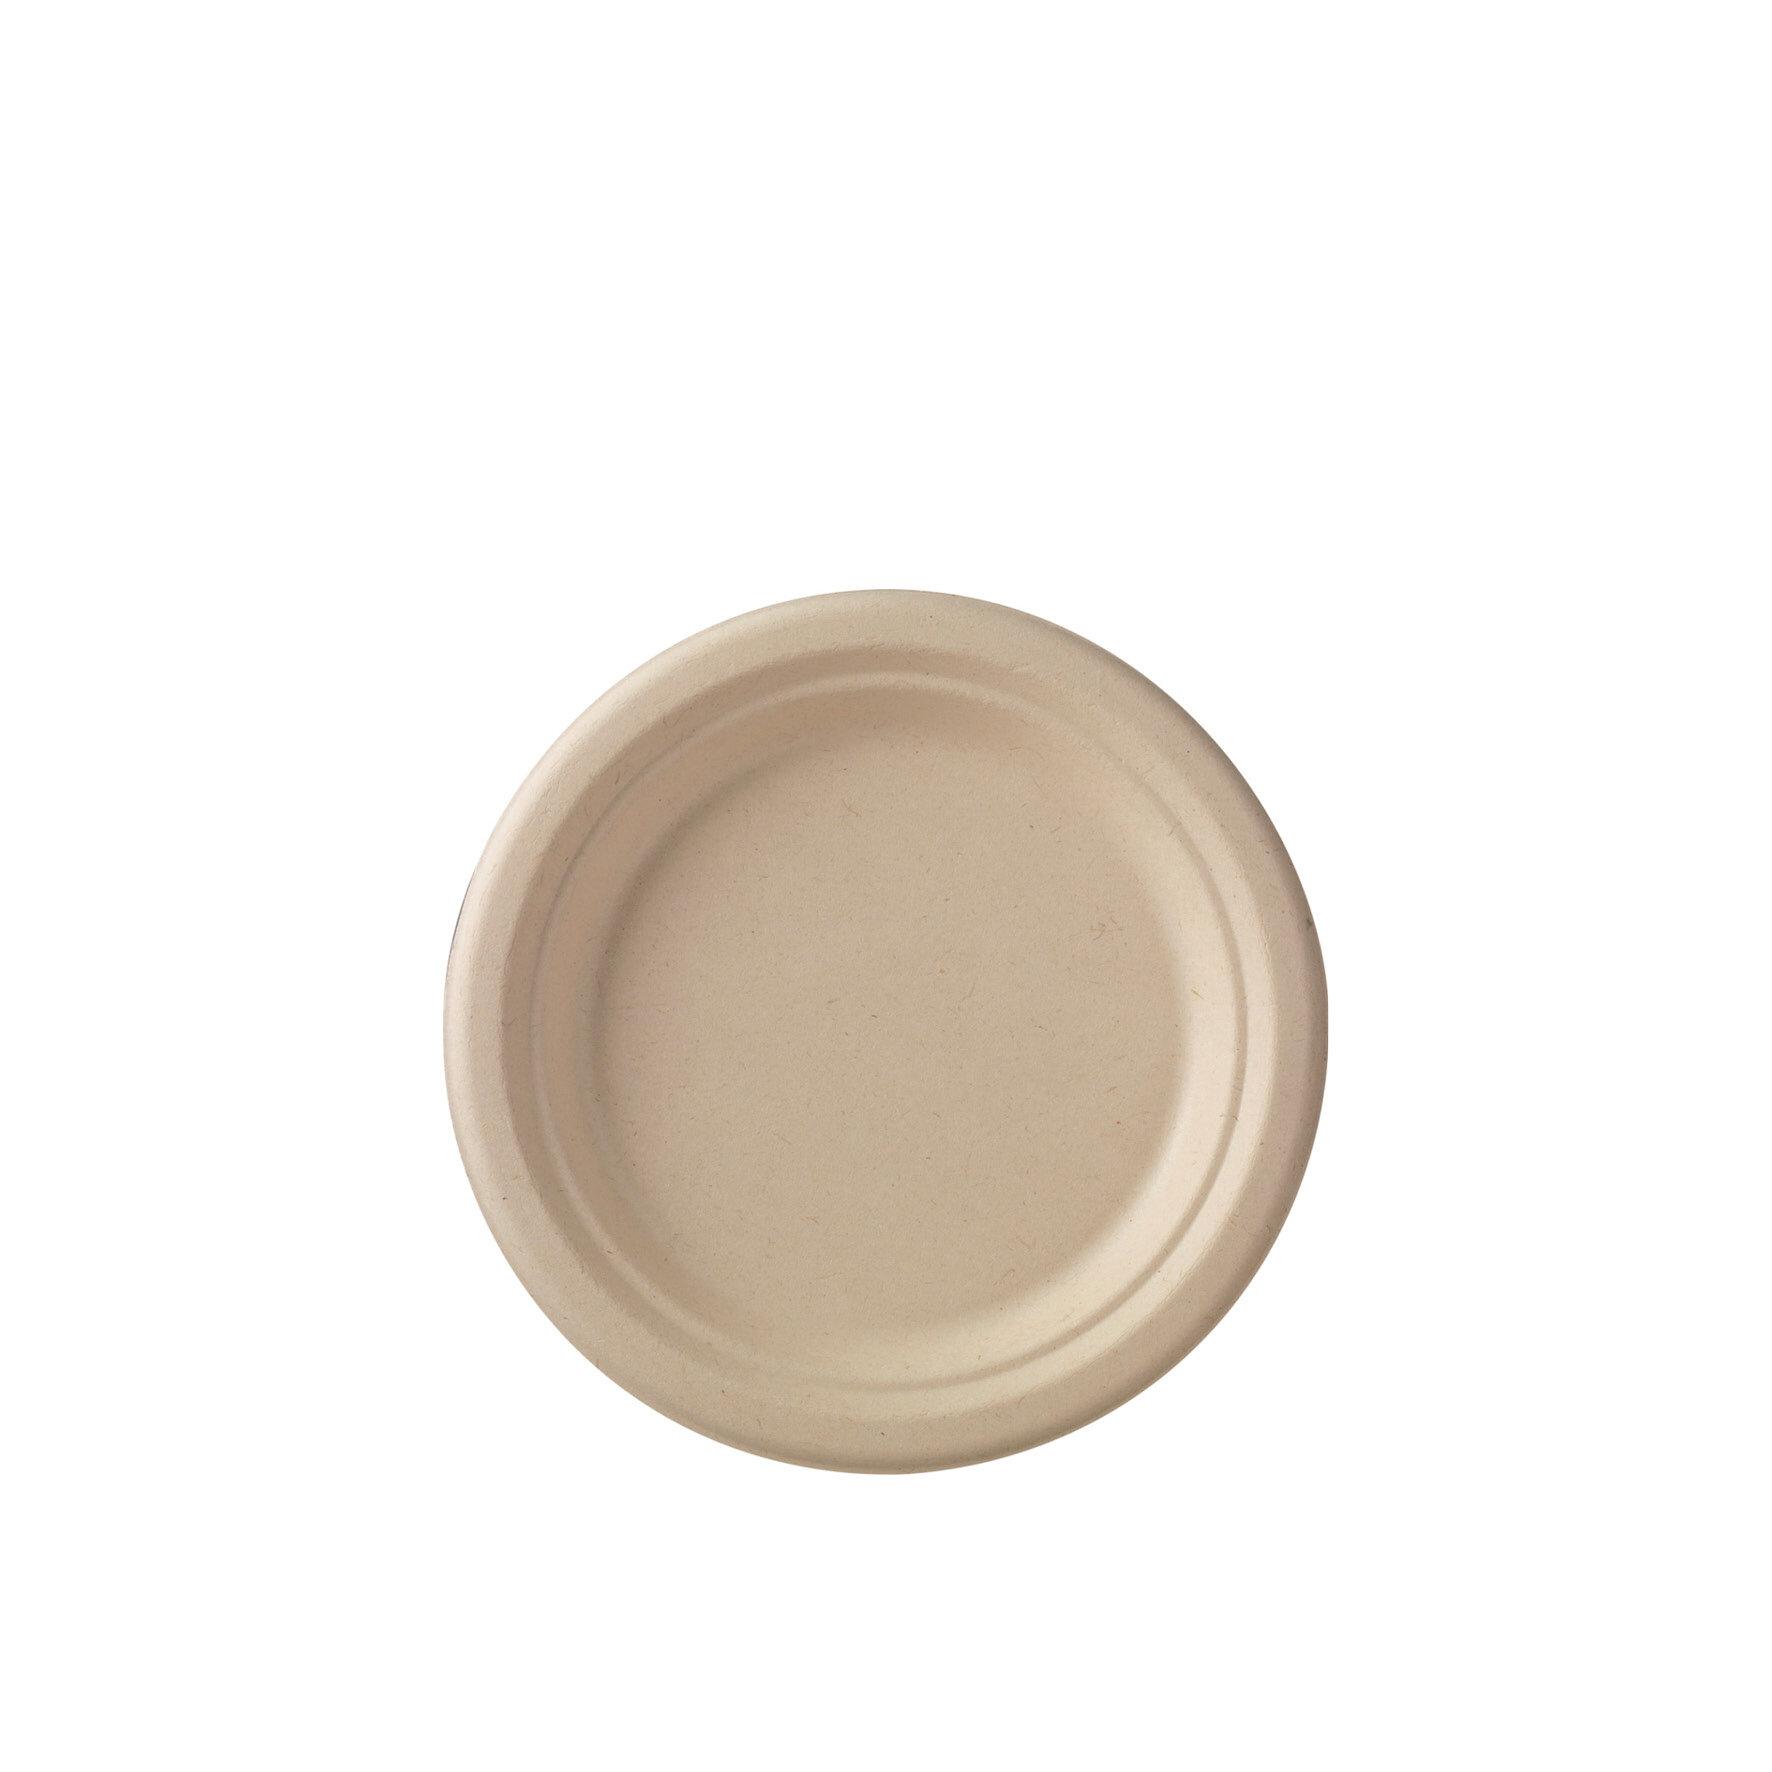 WEBAplate  Teller rund aus Zuckerrohr    geeignet für Mikrowellen, bis max. +100 °C, aus Zuckerrohr-Pflanzenresten, fettig, flüssig, schnittfest, kompostierbar